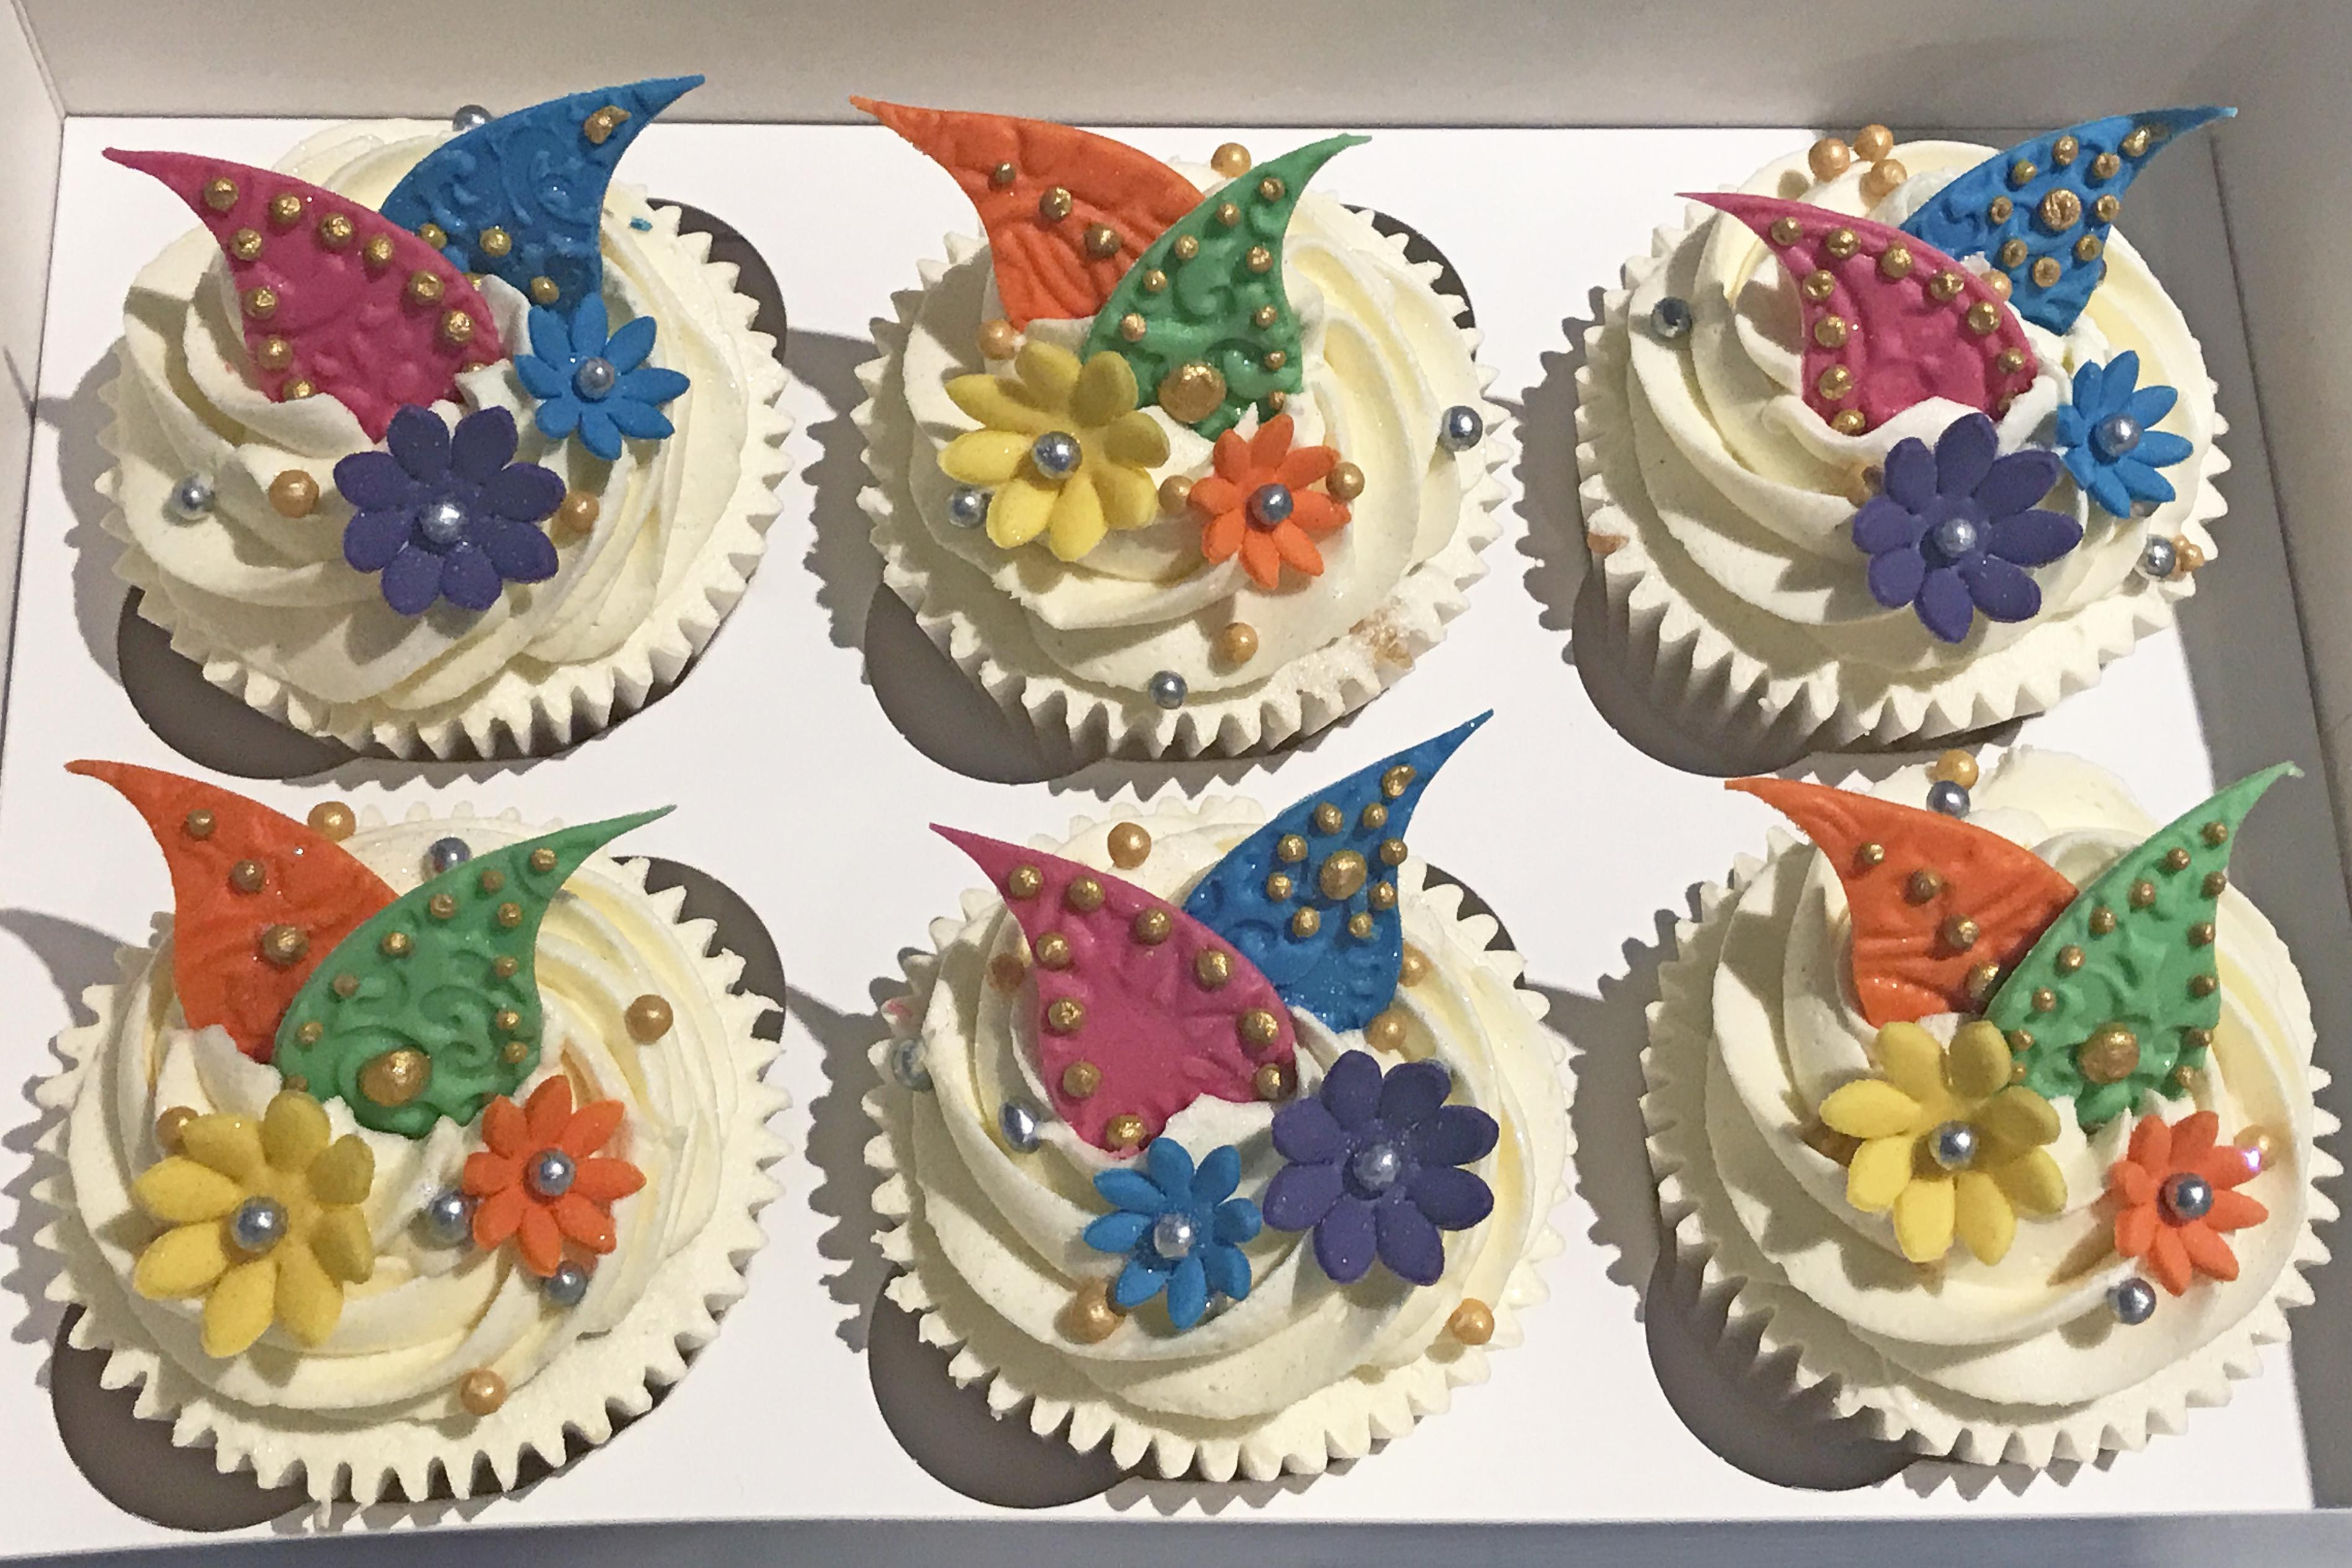 Cupcakes by Sugarbird Cupcakes